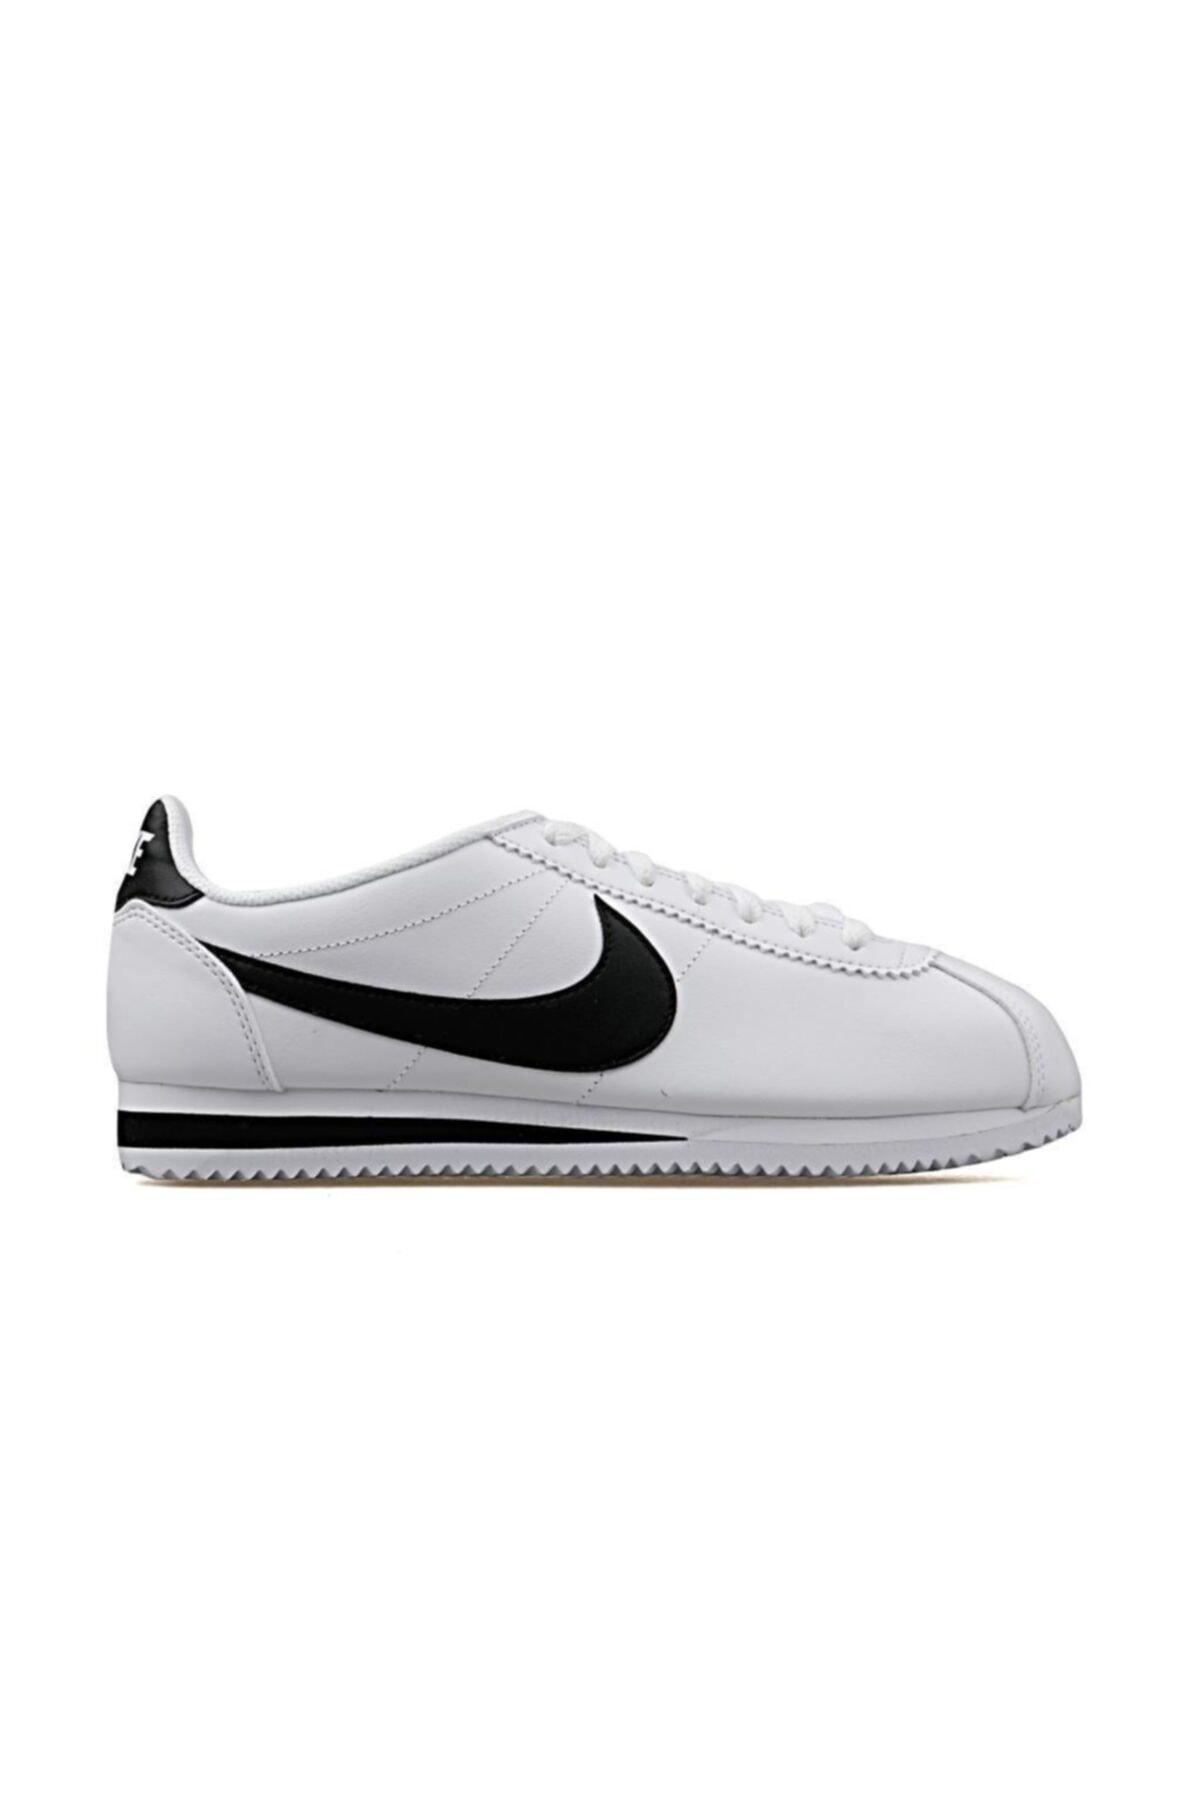 Nike Classic Cortez Leather Kadın Beyaz Spor Ayakkabı 807471-101 1